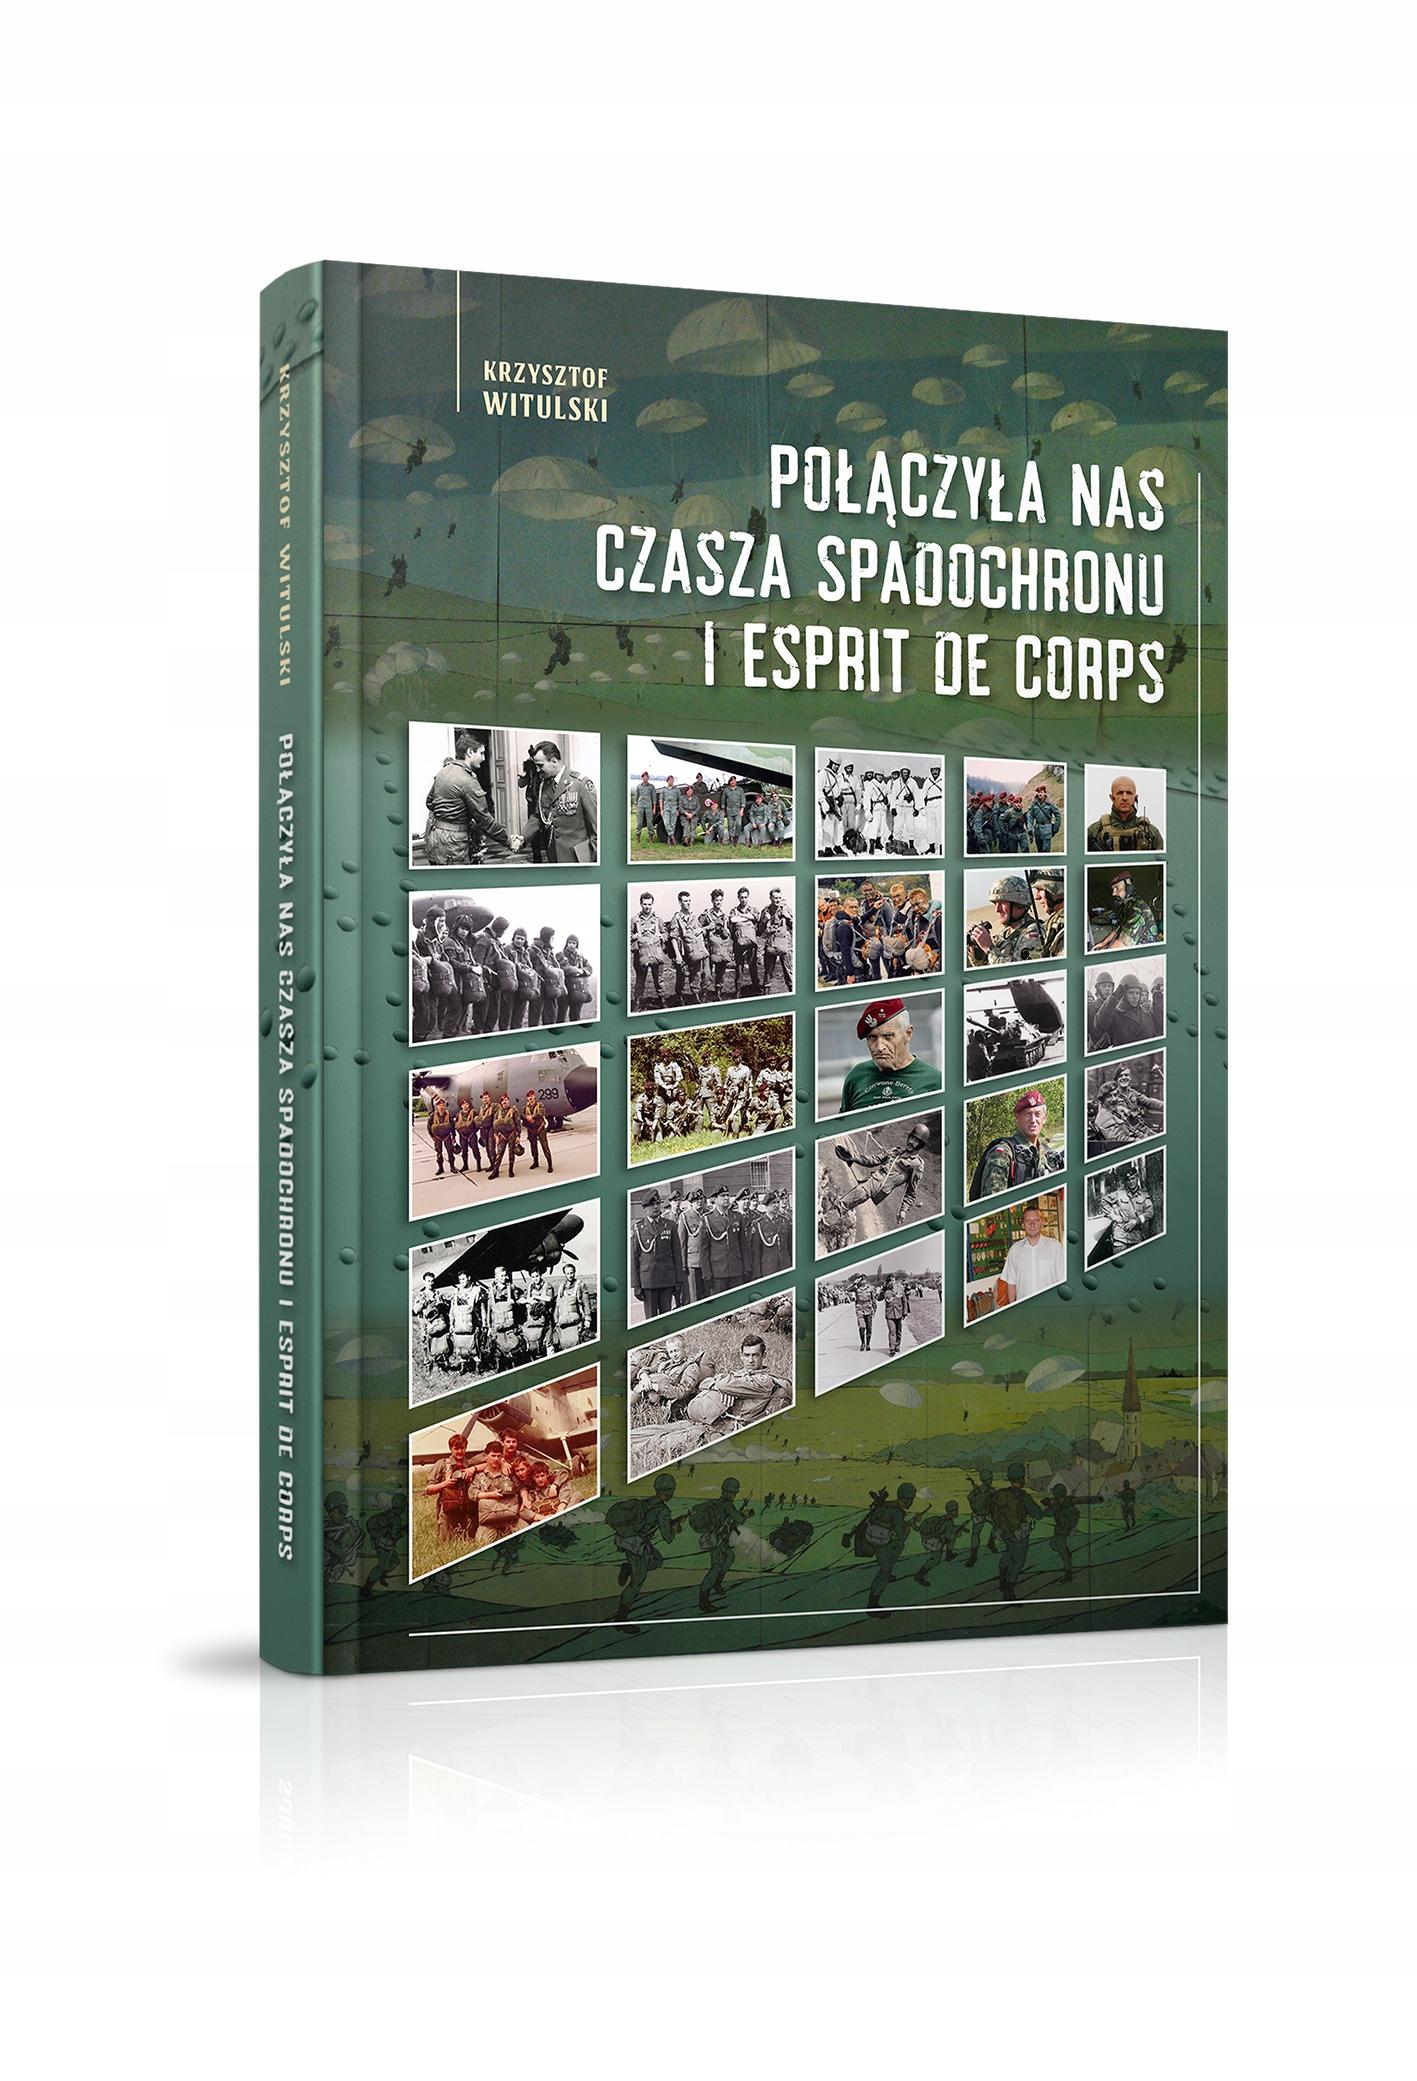 Купить POłąCZYłA НАС ЧАША SPADOCHRONU и ESPRIT Savon CORPS на Eurozakup - цены и фото - доставка из Польши и стран Европы в Украину.